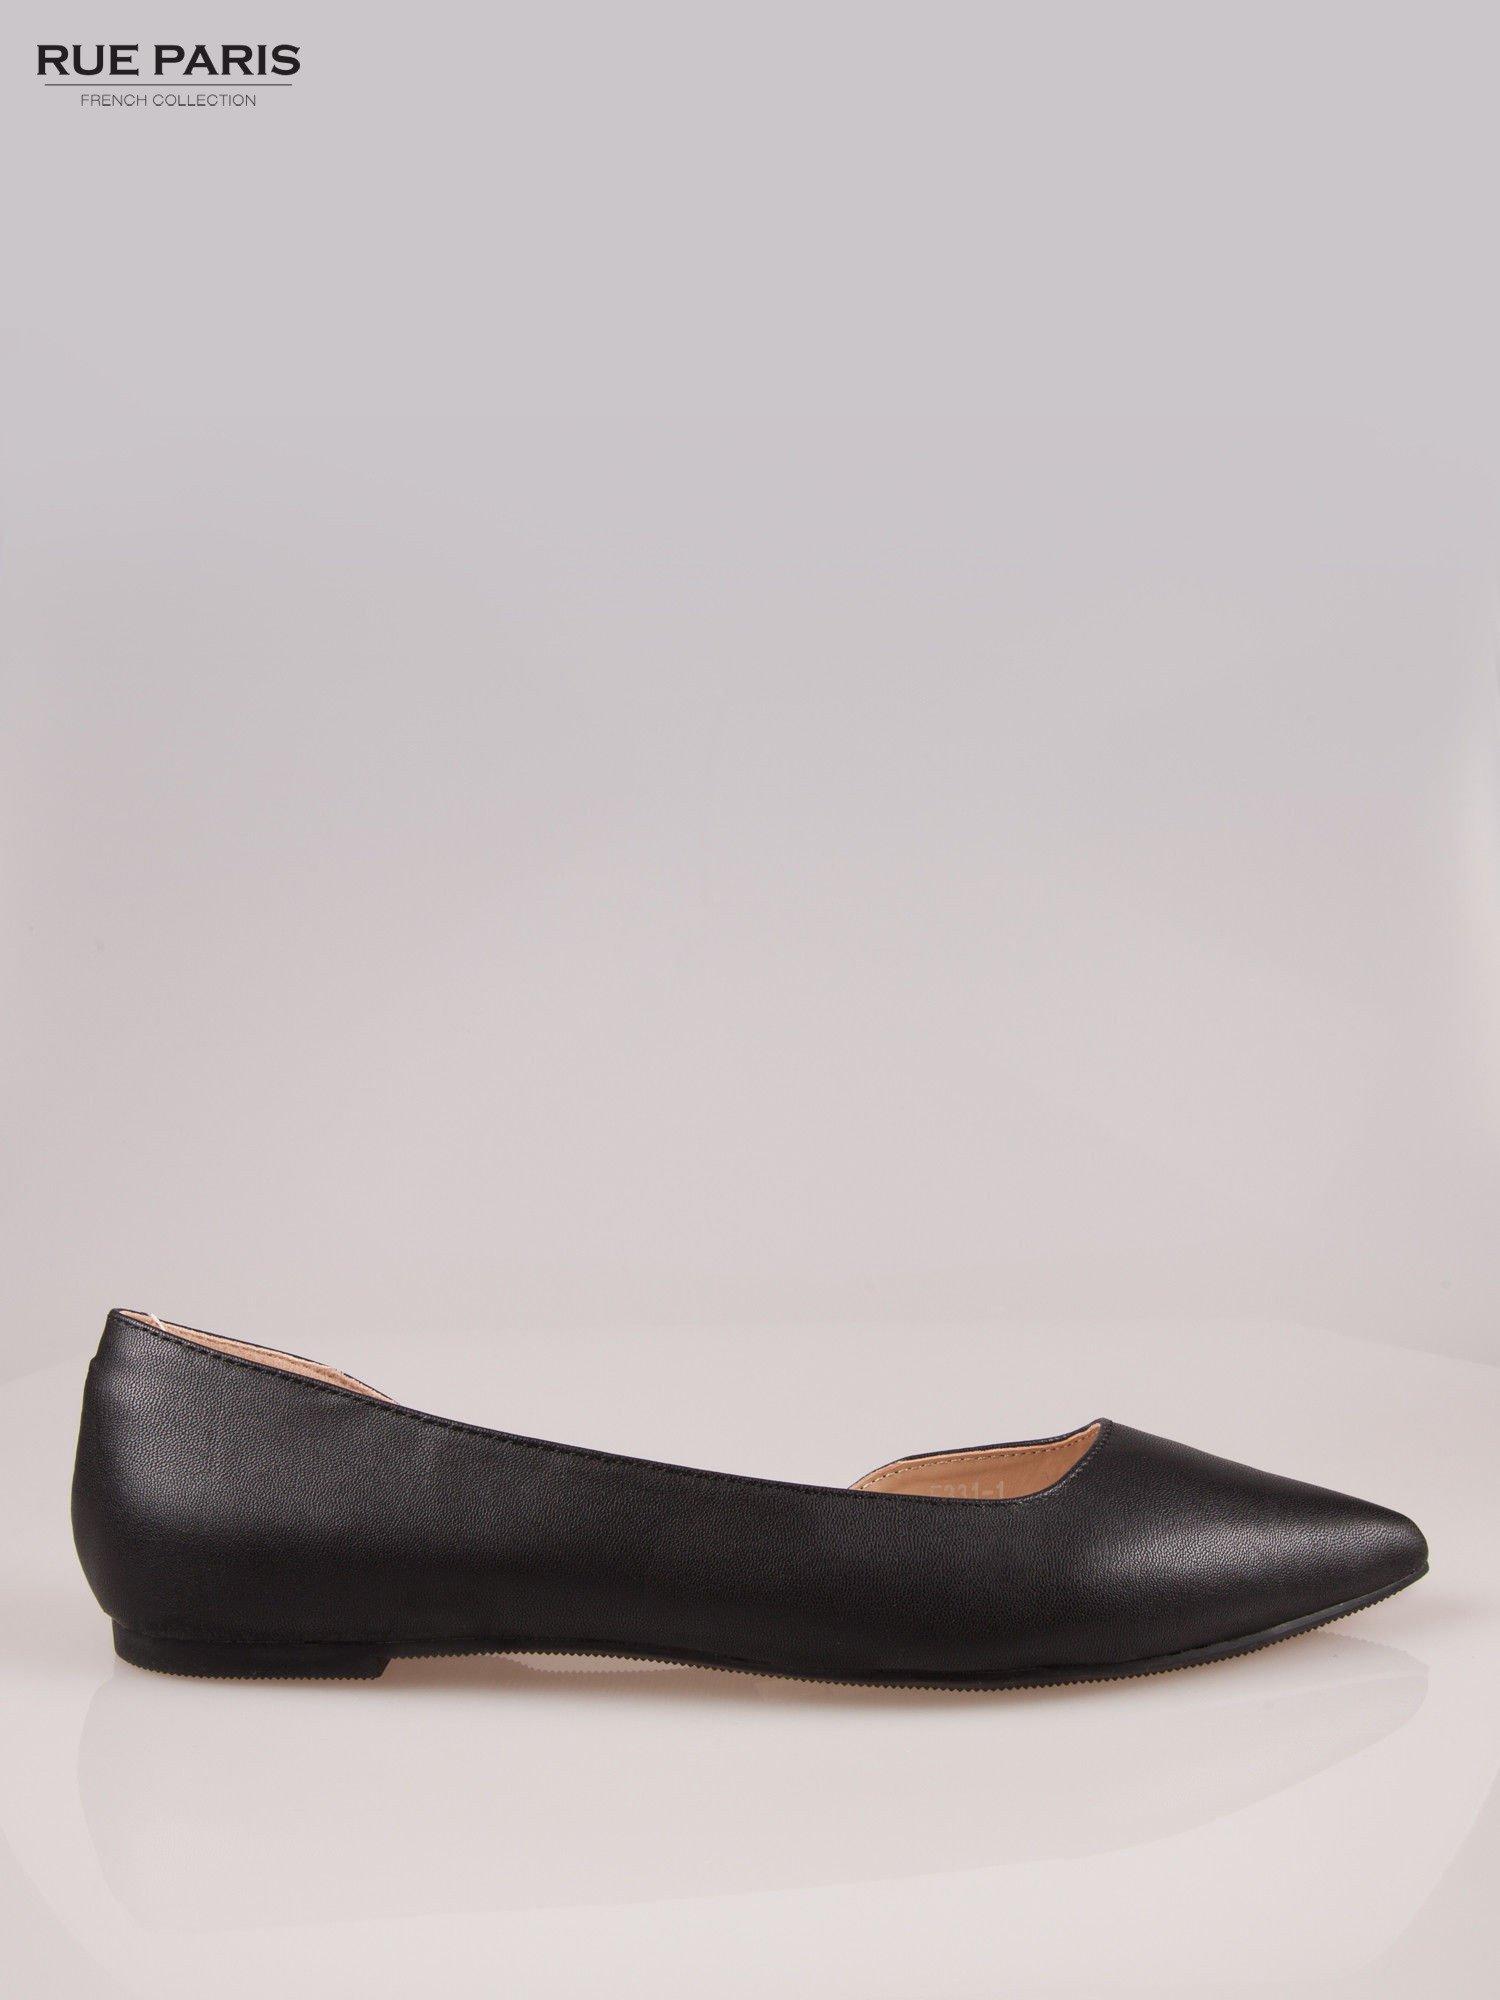 Czarne baleriny faux leather Cookie w szpic z wycięciem z boku                                  zdj.                                  1